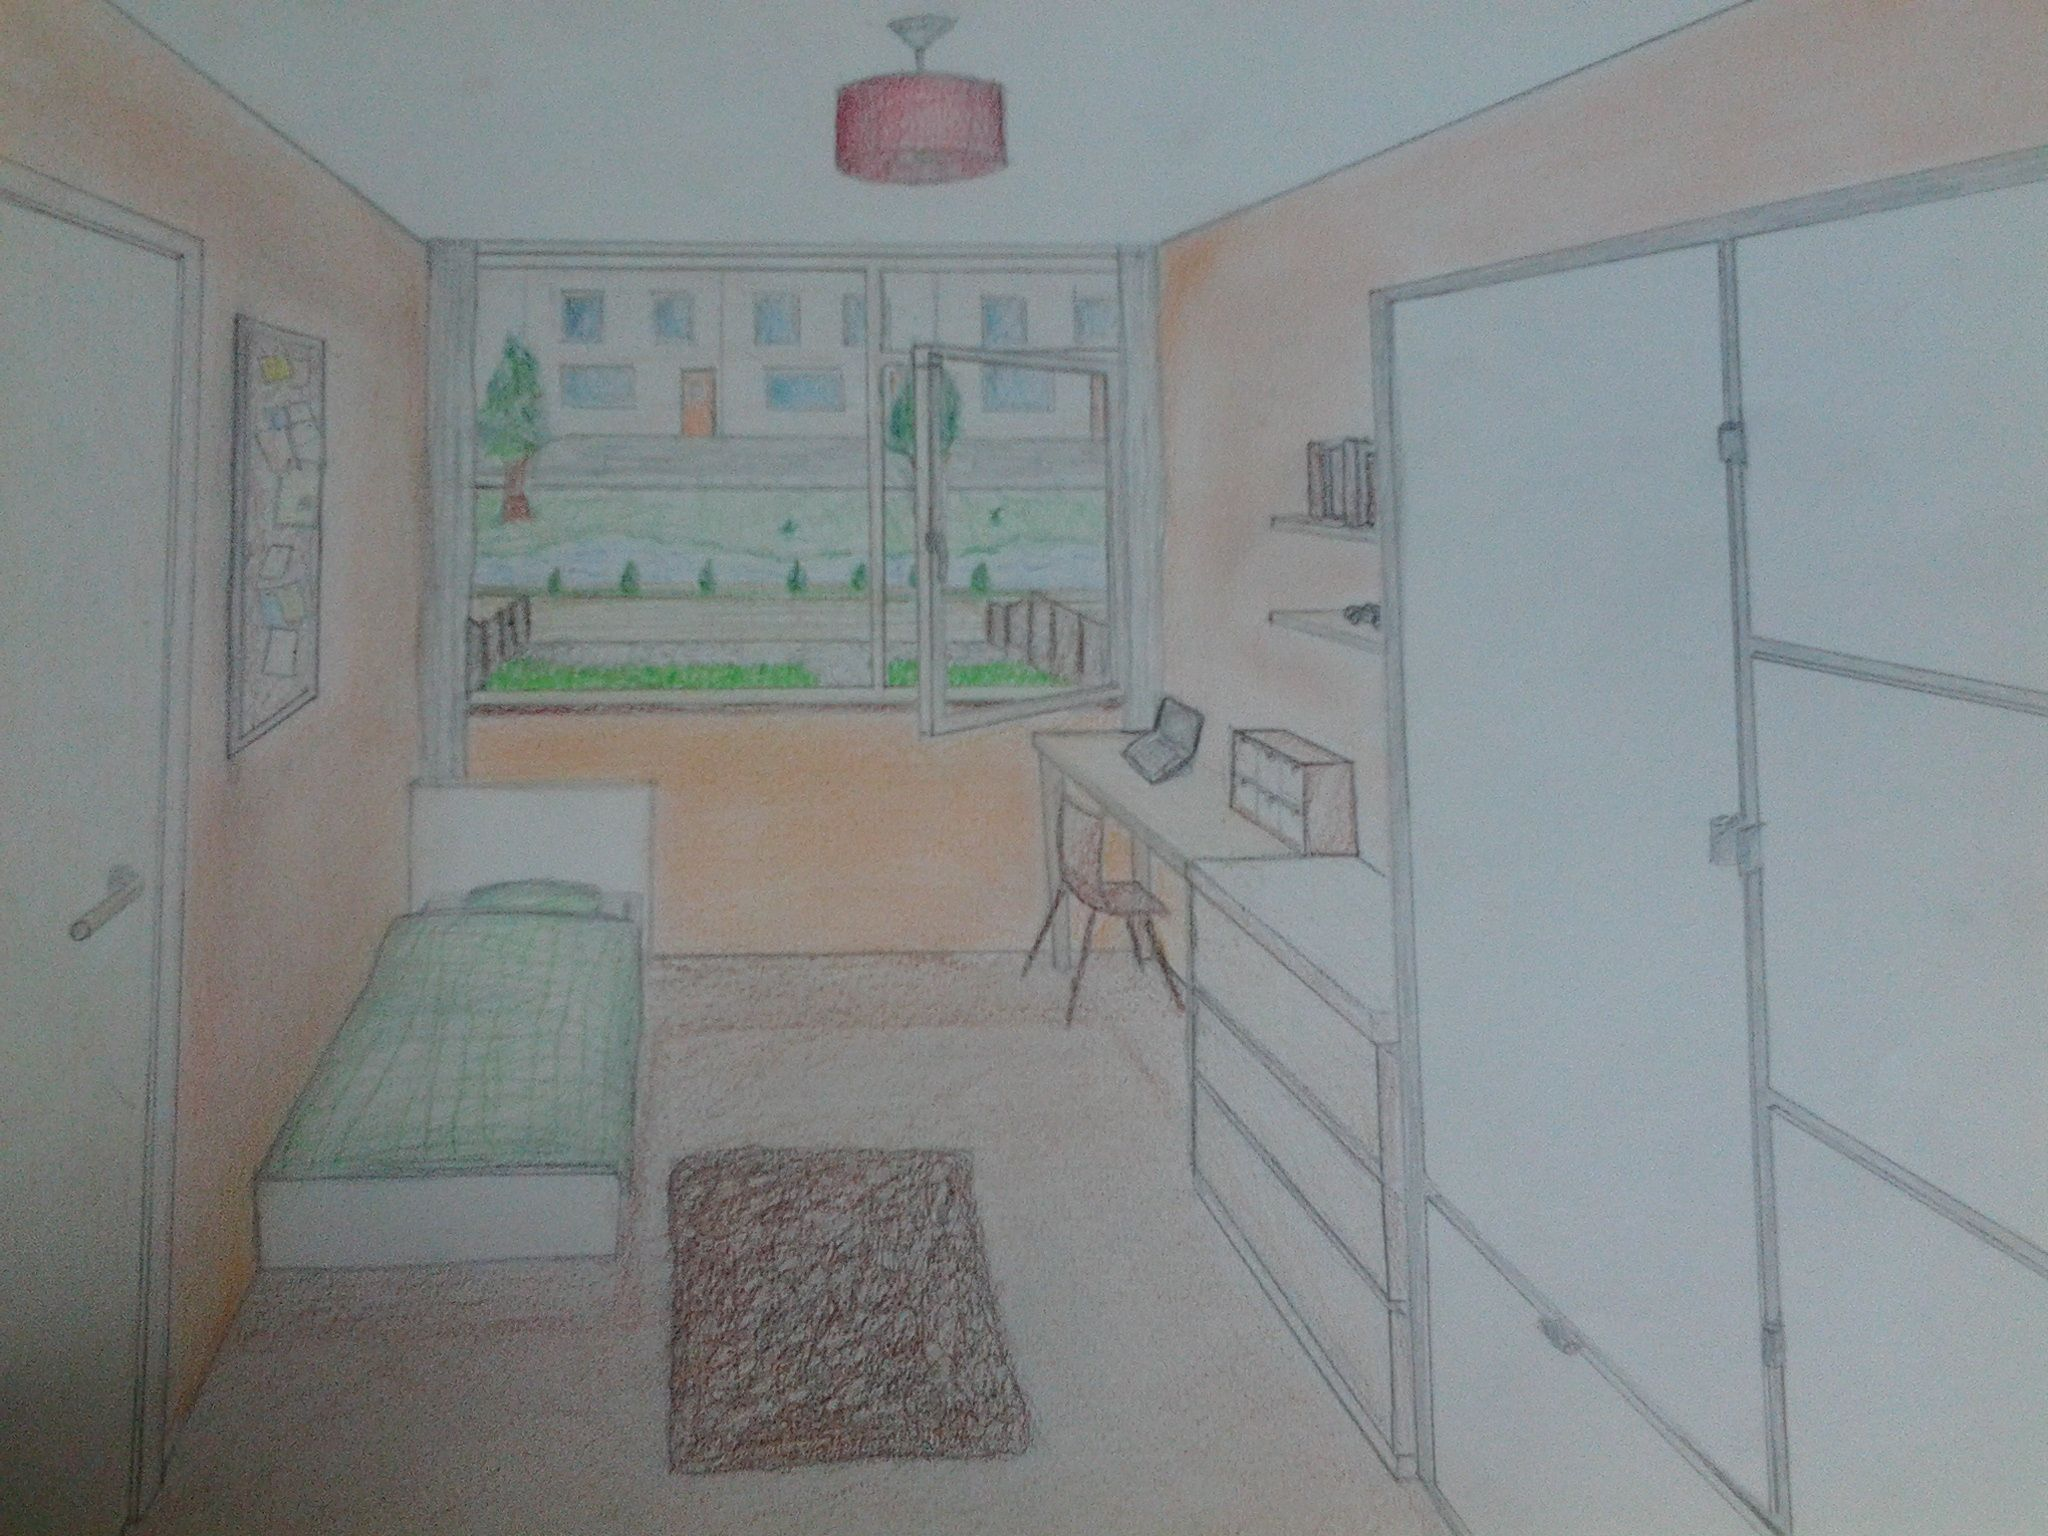 Kamer in perspectief opdracht tekenen pinterest art lessons - In een kamer ...